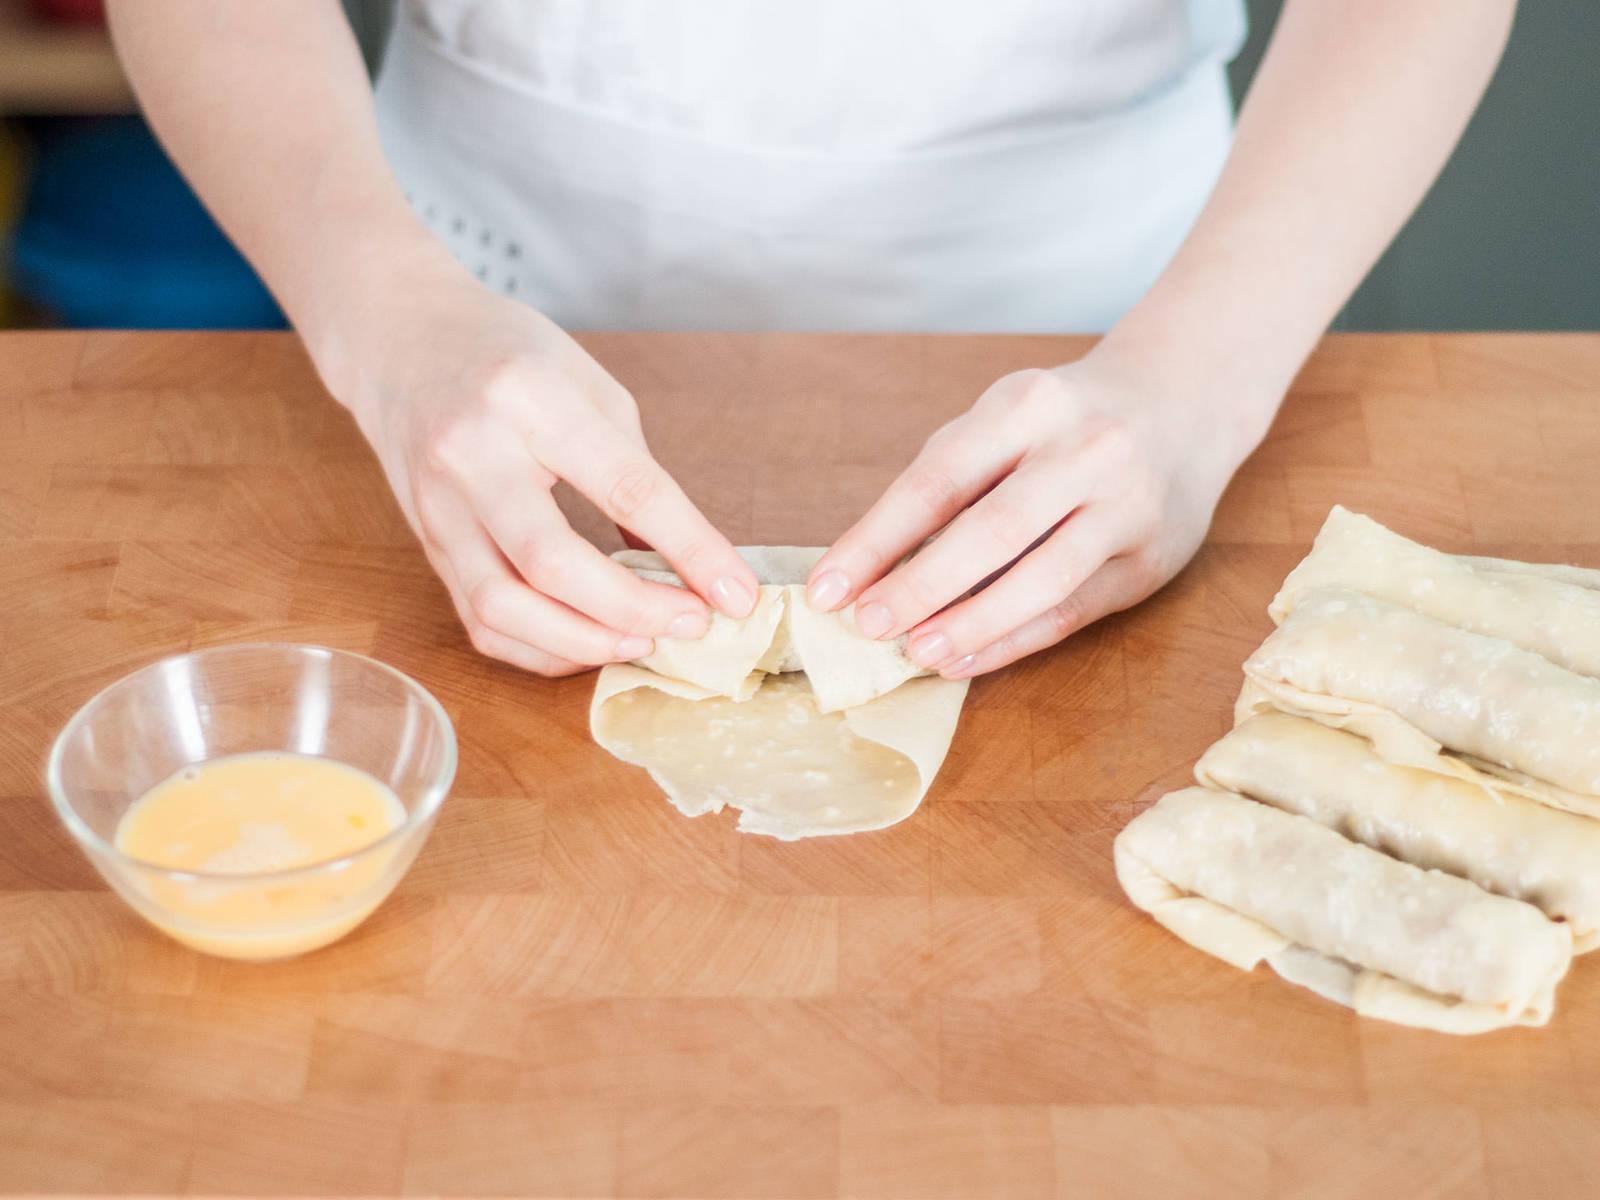 将鸡蛋、面粉和水放到小碗中,搅拌混合。将猪肉馅放入春卷皮中,卷上,封住边缘。涂抹上面糊。